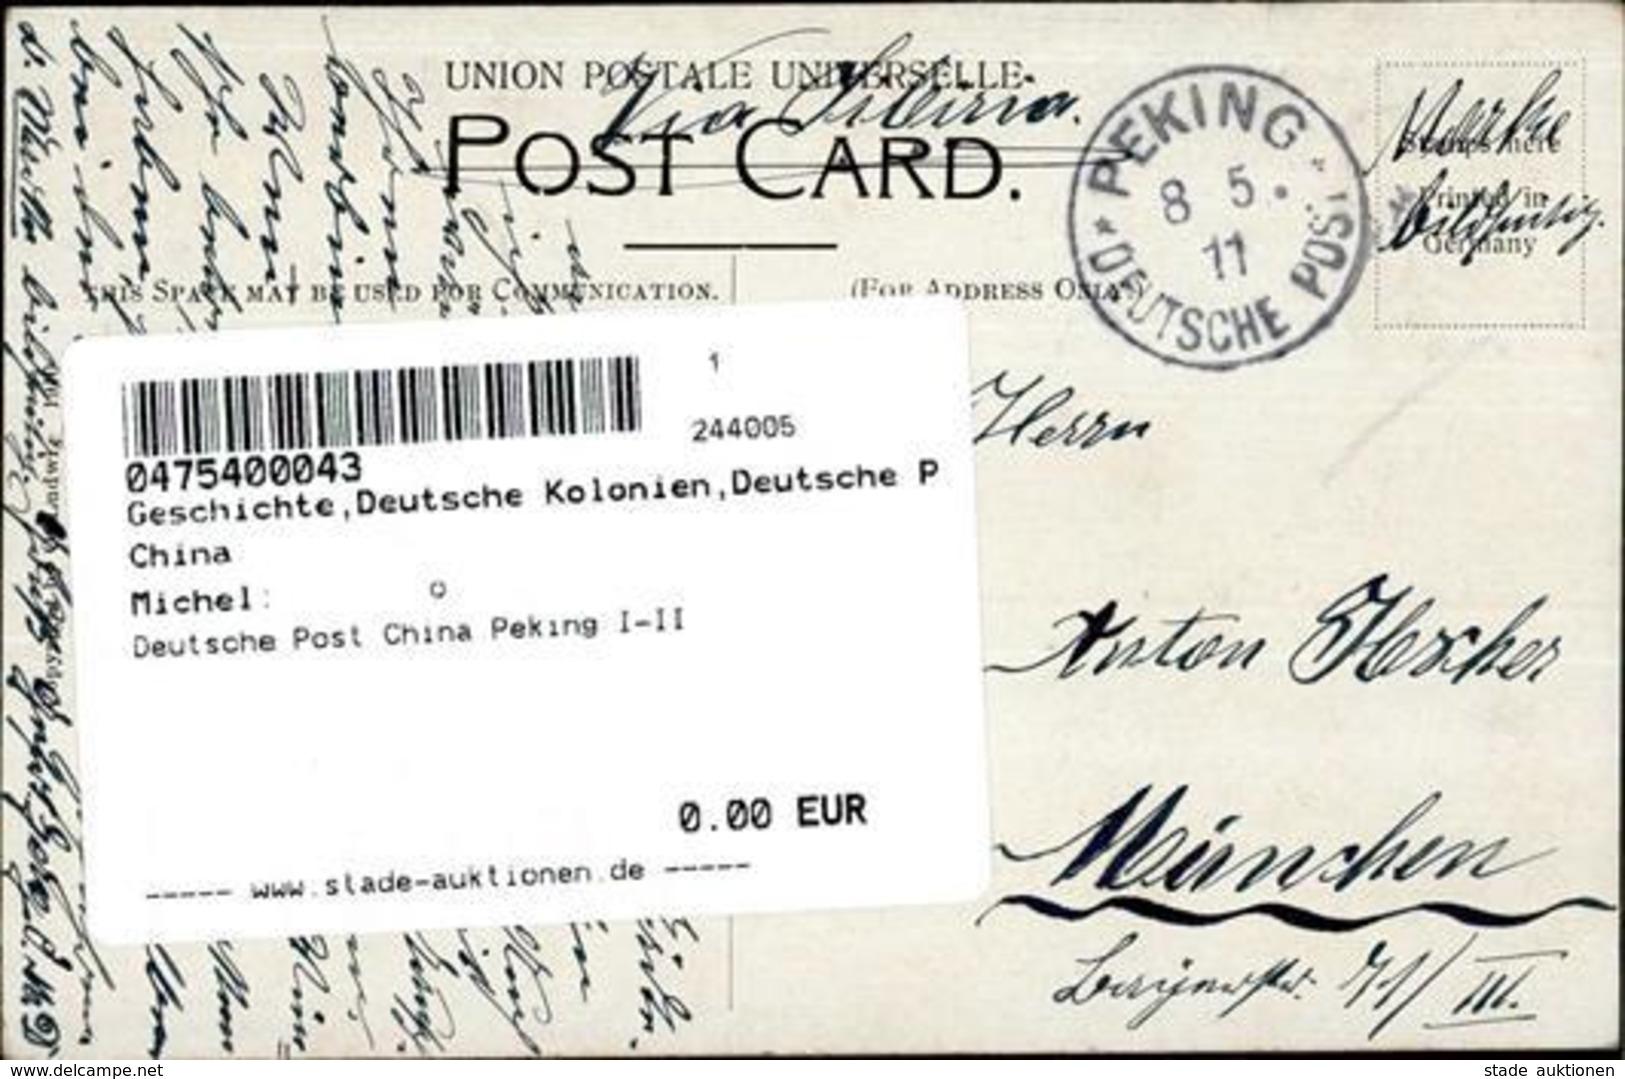 Deutsche Post China Peking I-II - Ethnics